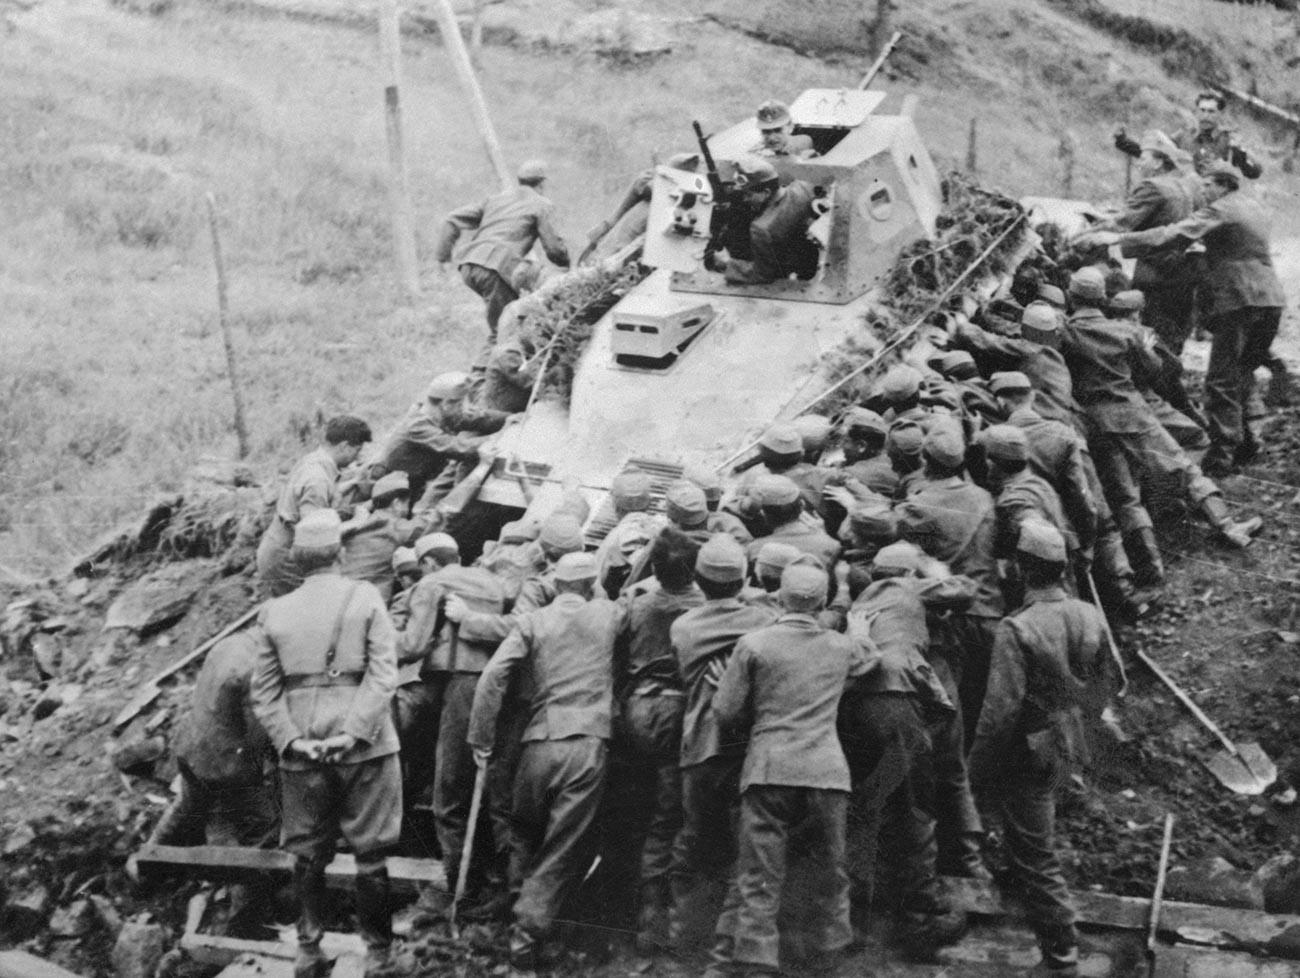 Les soldats hongrois tentent de récupérer un char soviétique mis hors de combat